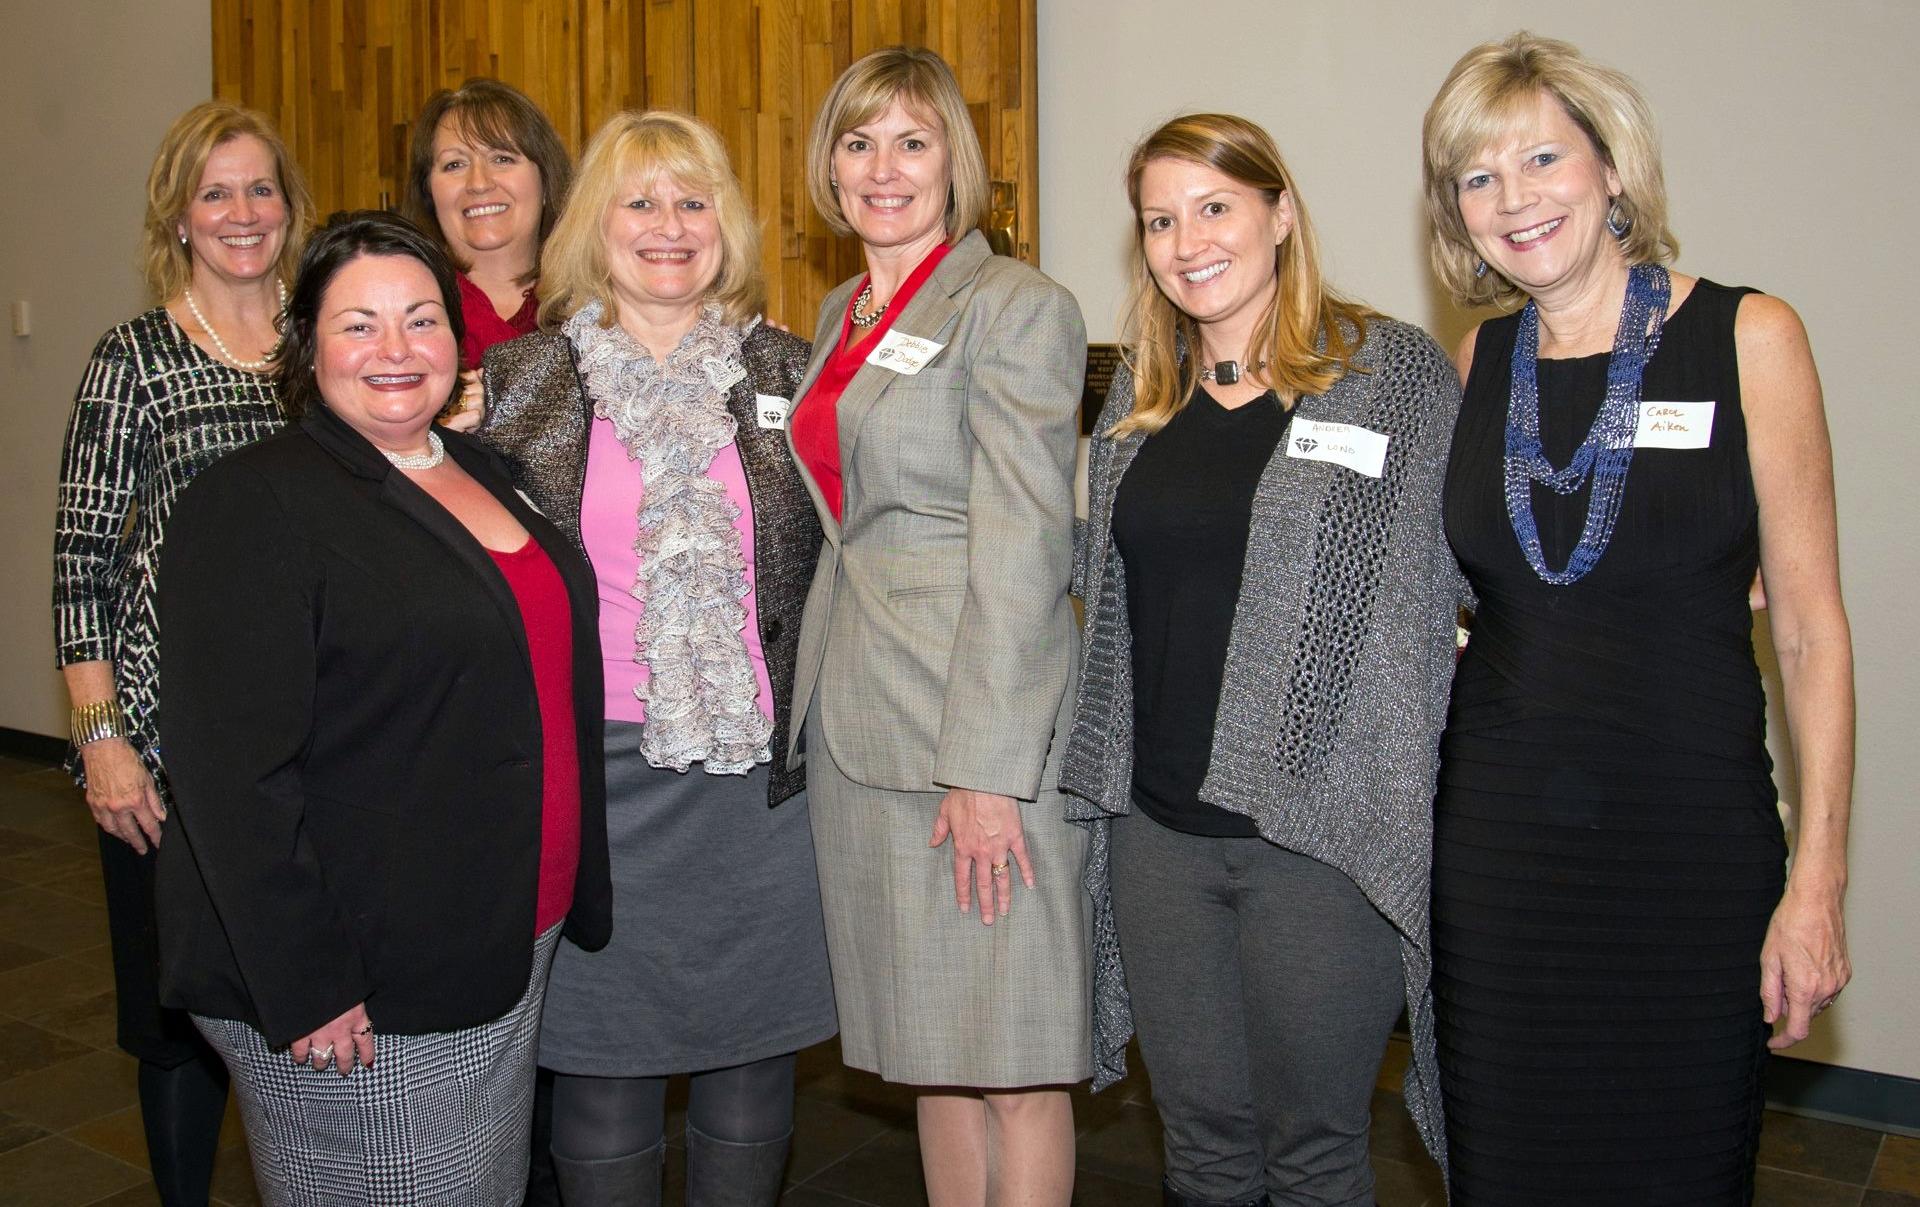 SMWL Founding Board (2015) - Honorable Nancy Rahmeyer, Lara Fors-Secretary/Treasurer, Patty Shilling-President, Deanna Scott-Vice President, Debbie Dodge, Andrea Long, Honorable Carol Aiken